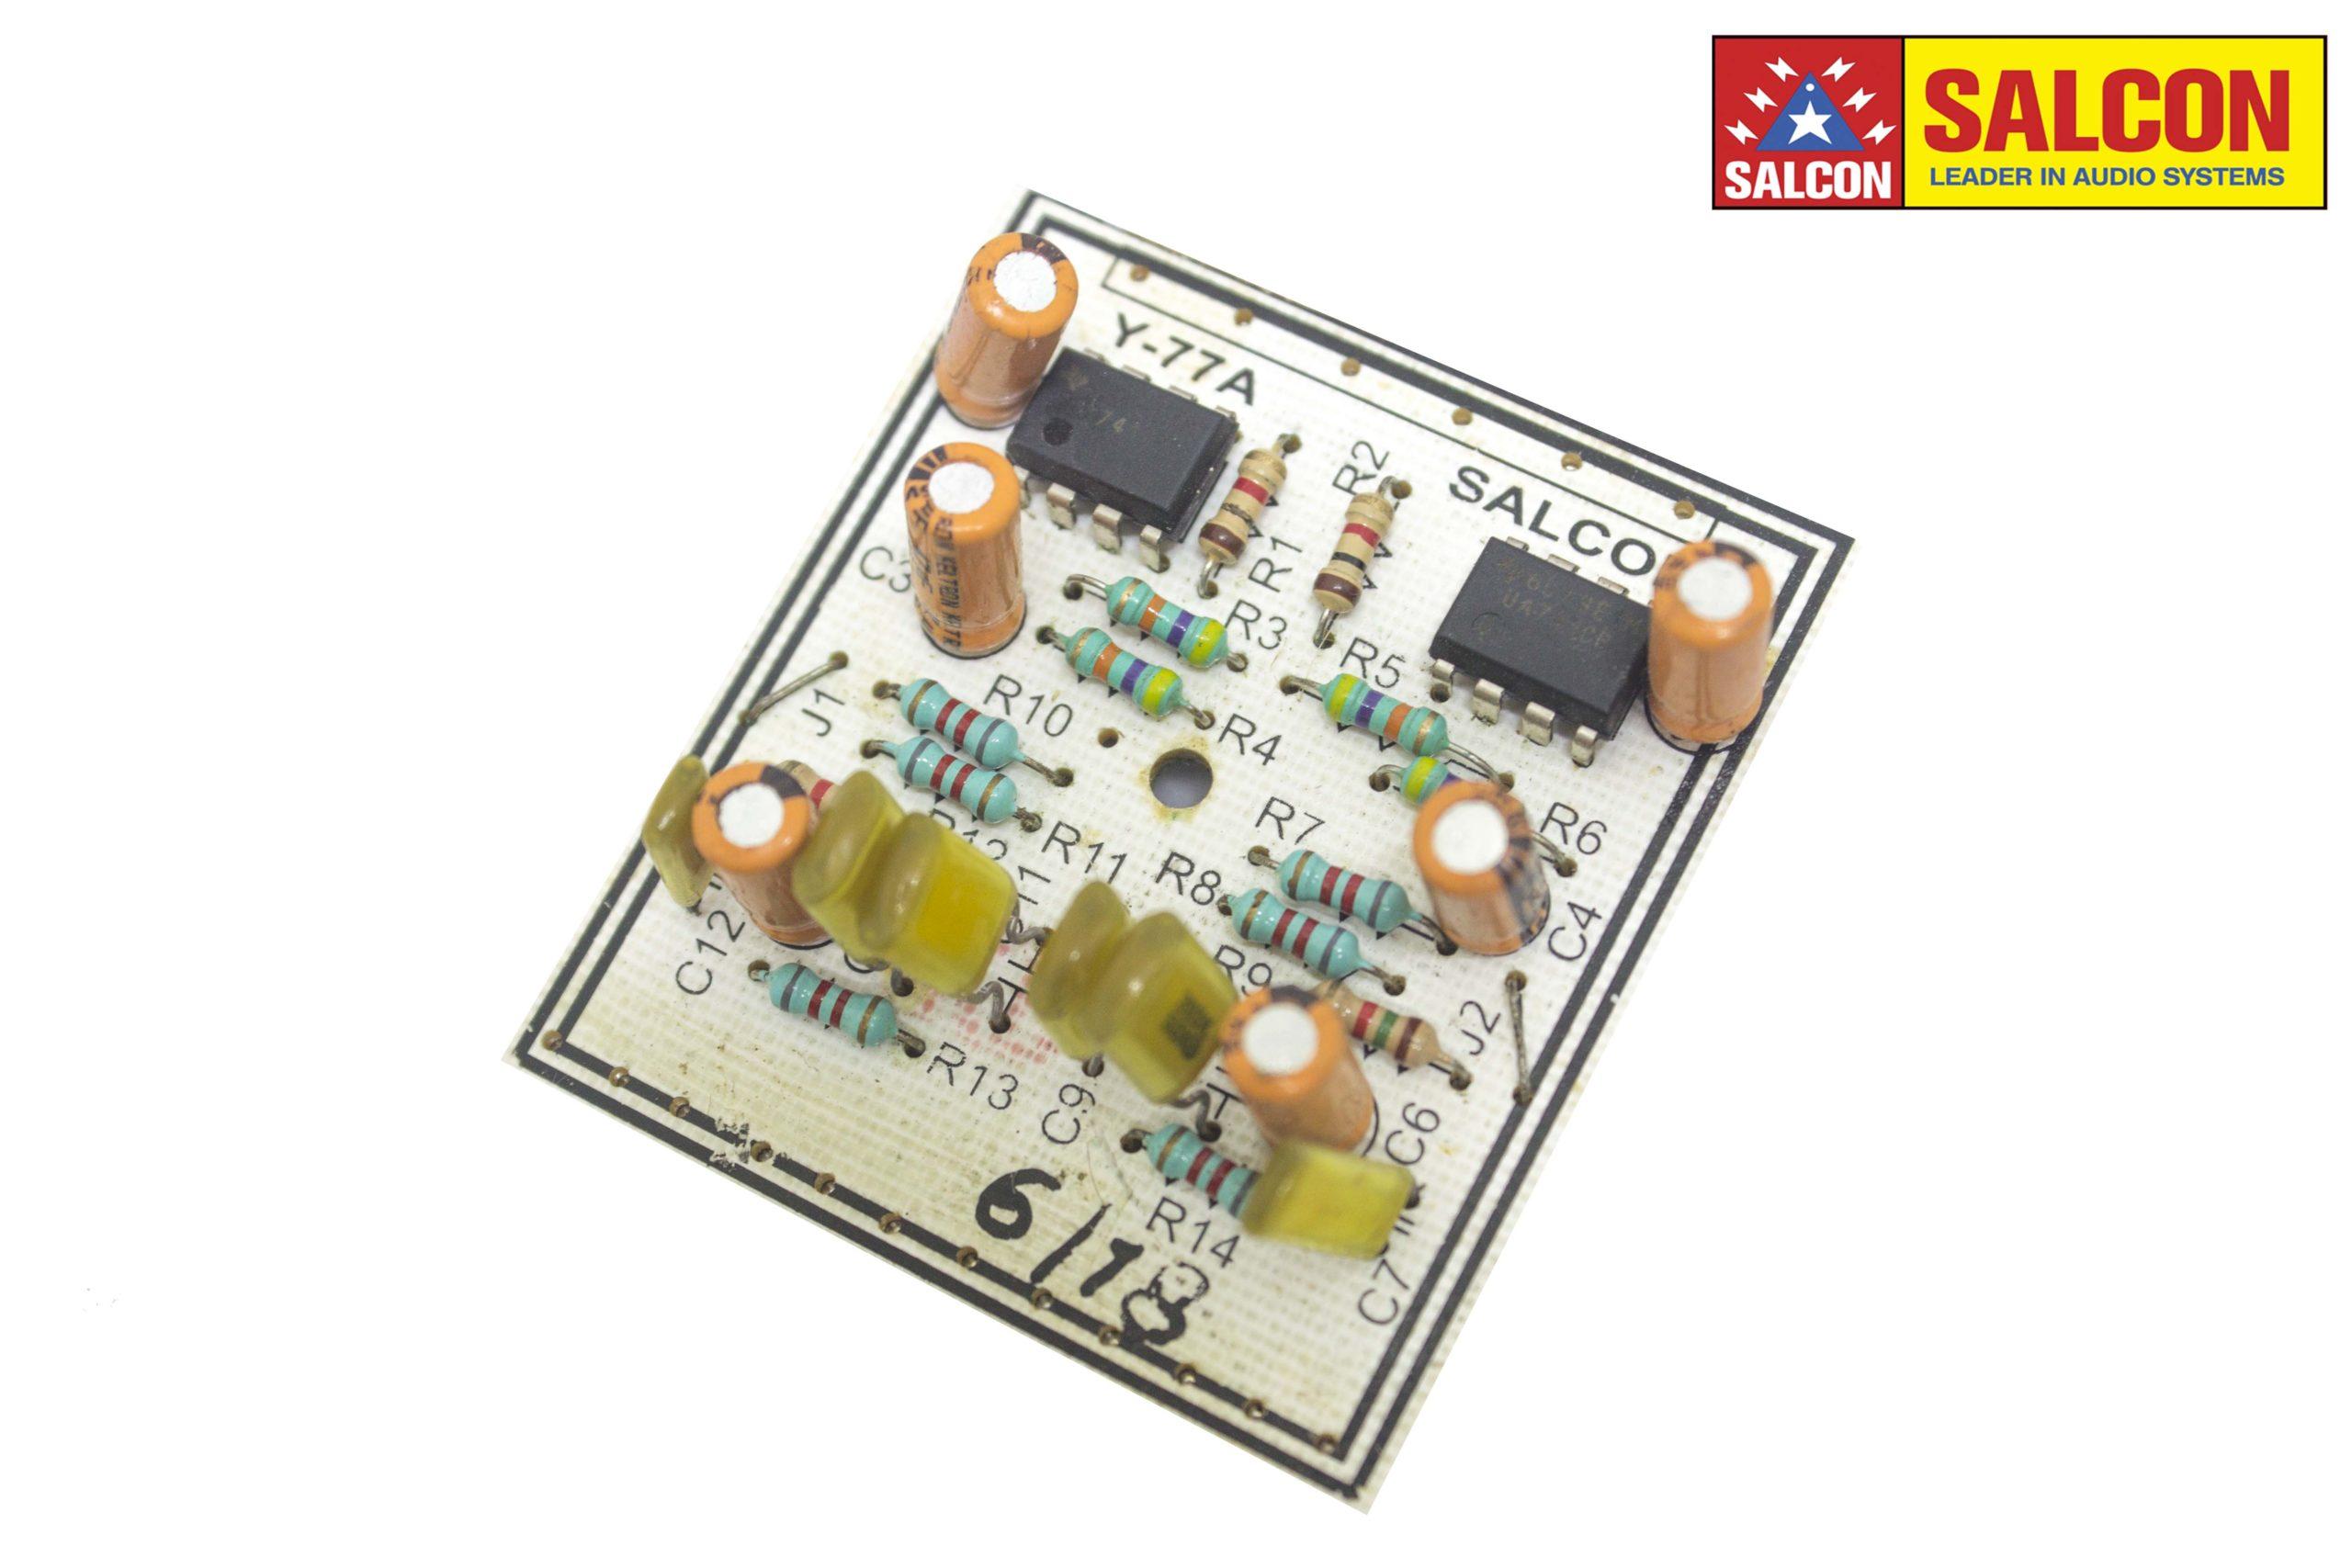 BT 741 Keltron Salcon Electronics